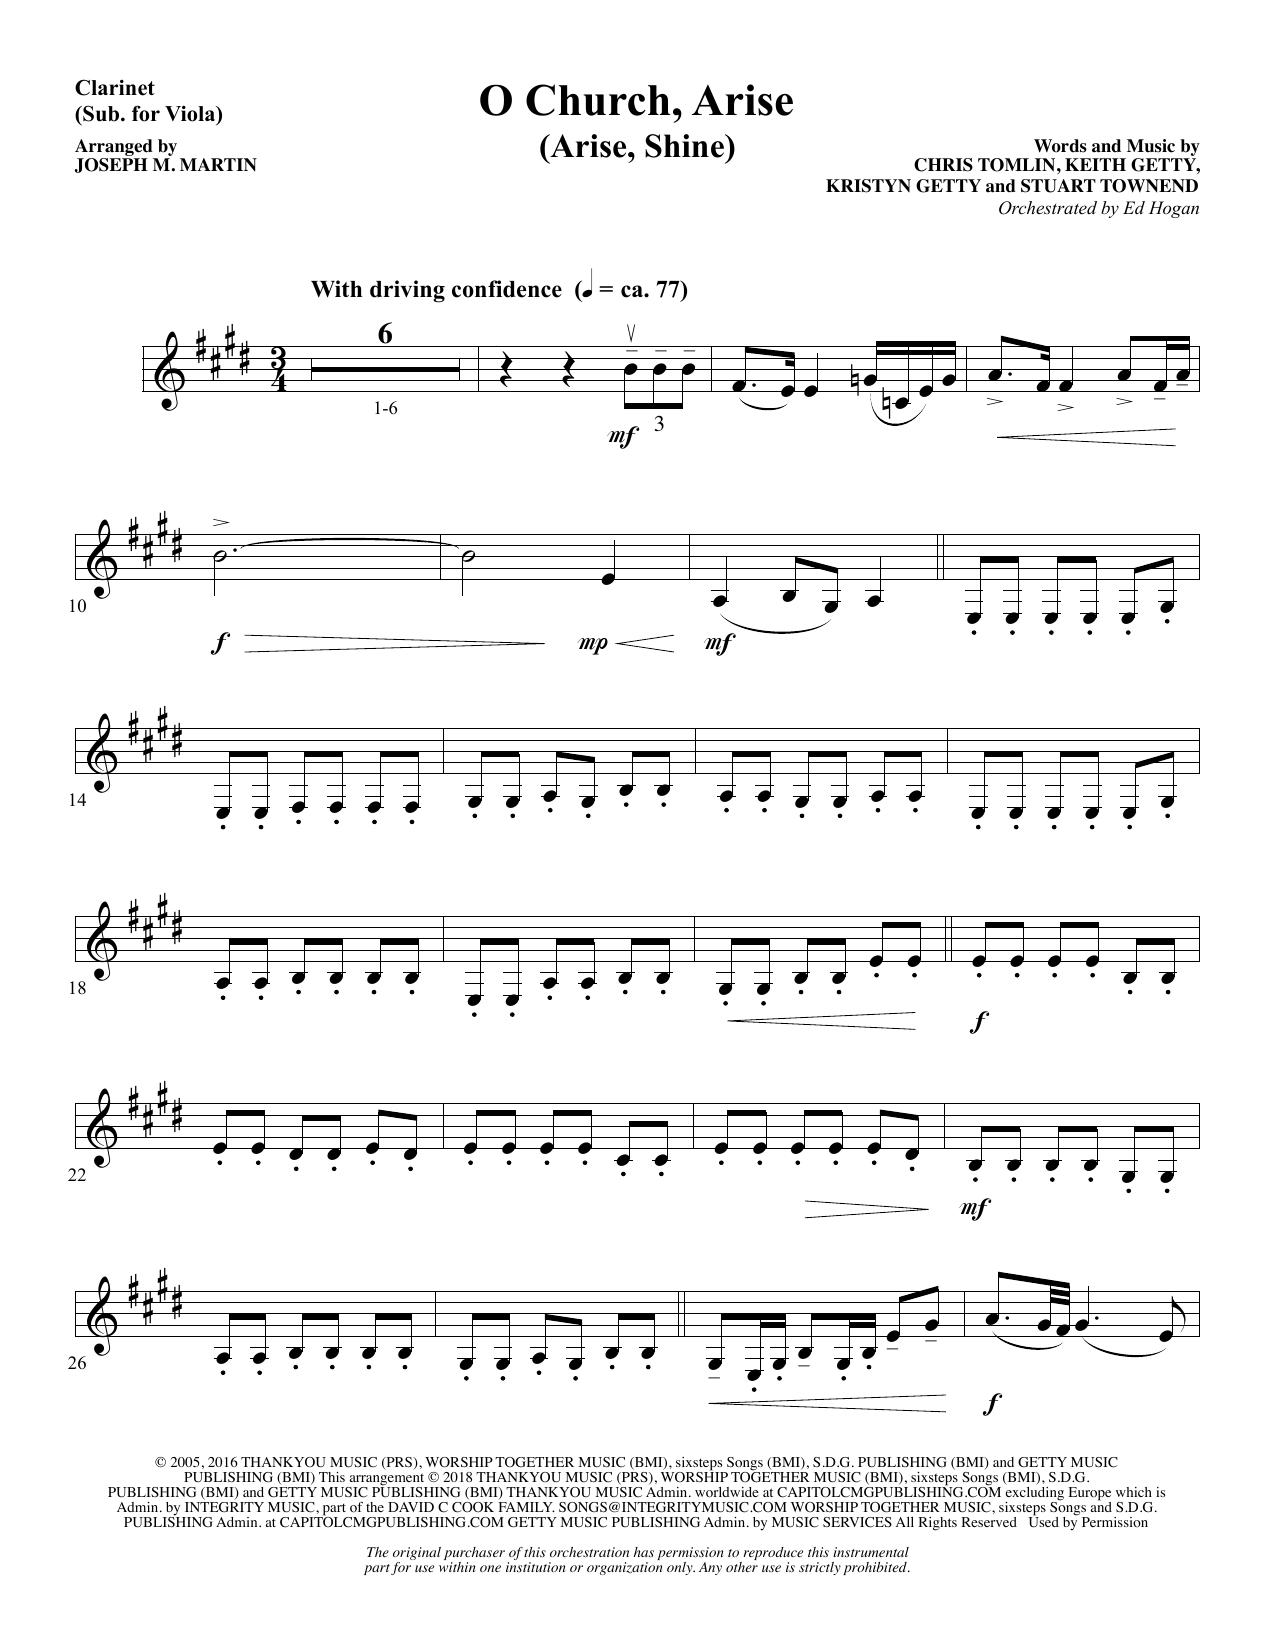 O Church, Arise (Arise, Shine) - Clarinet (sub. Viola) (Choir Instrumental Pak)